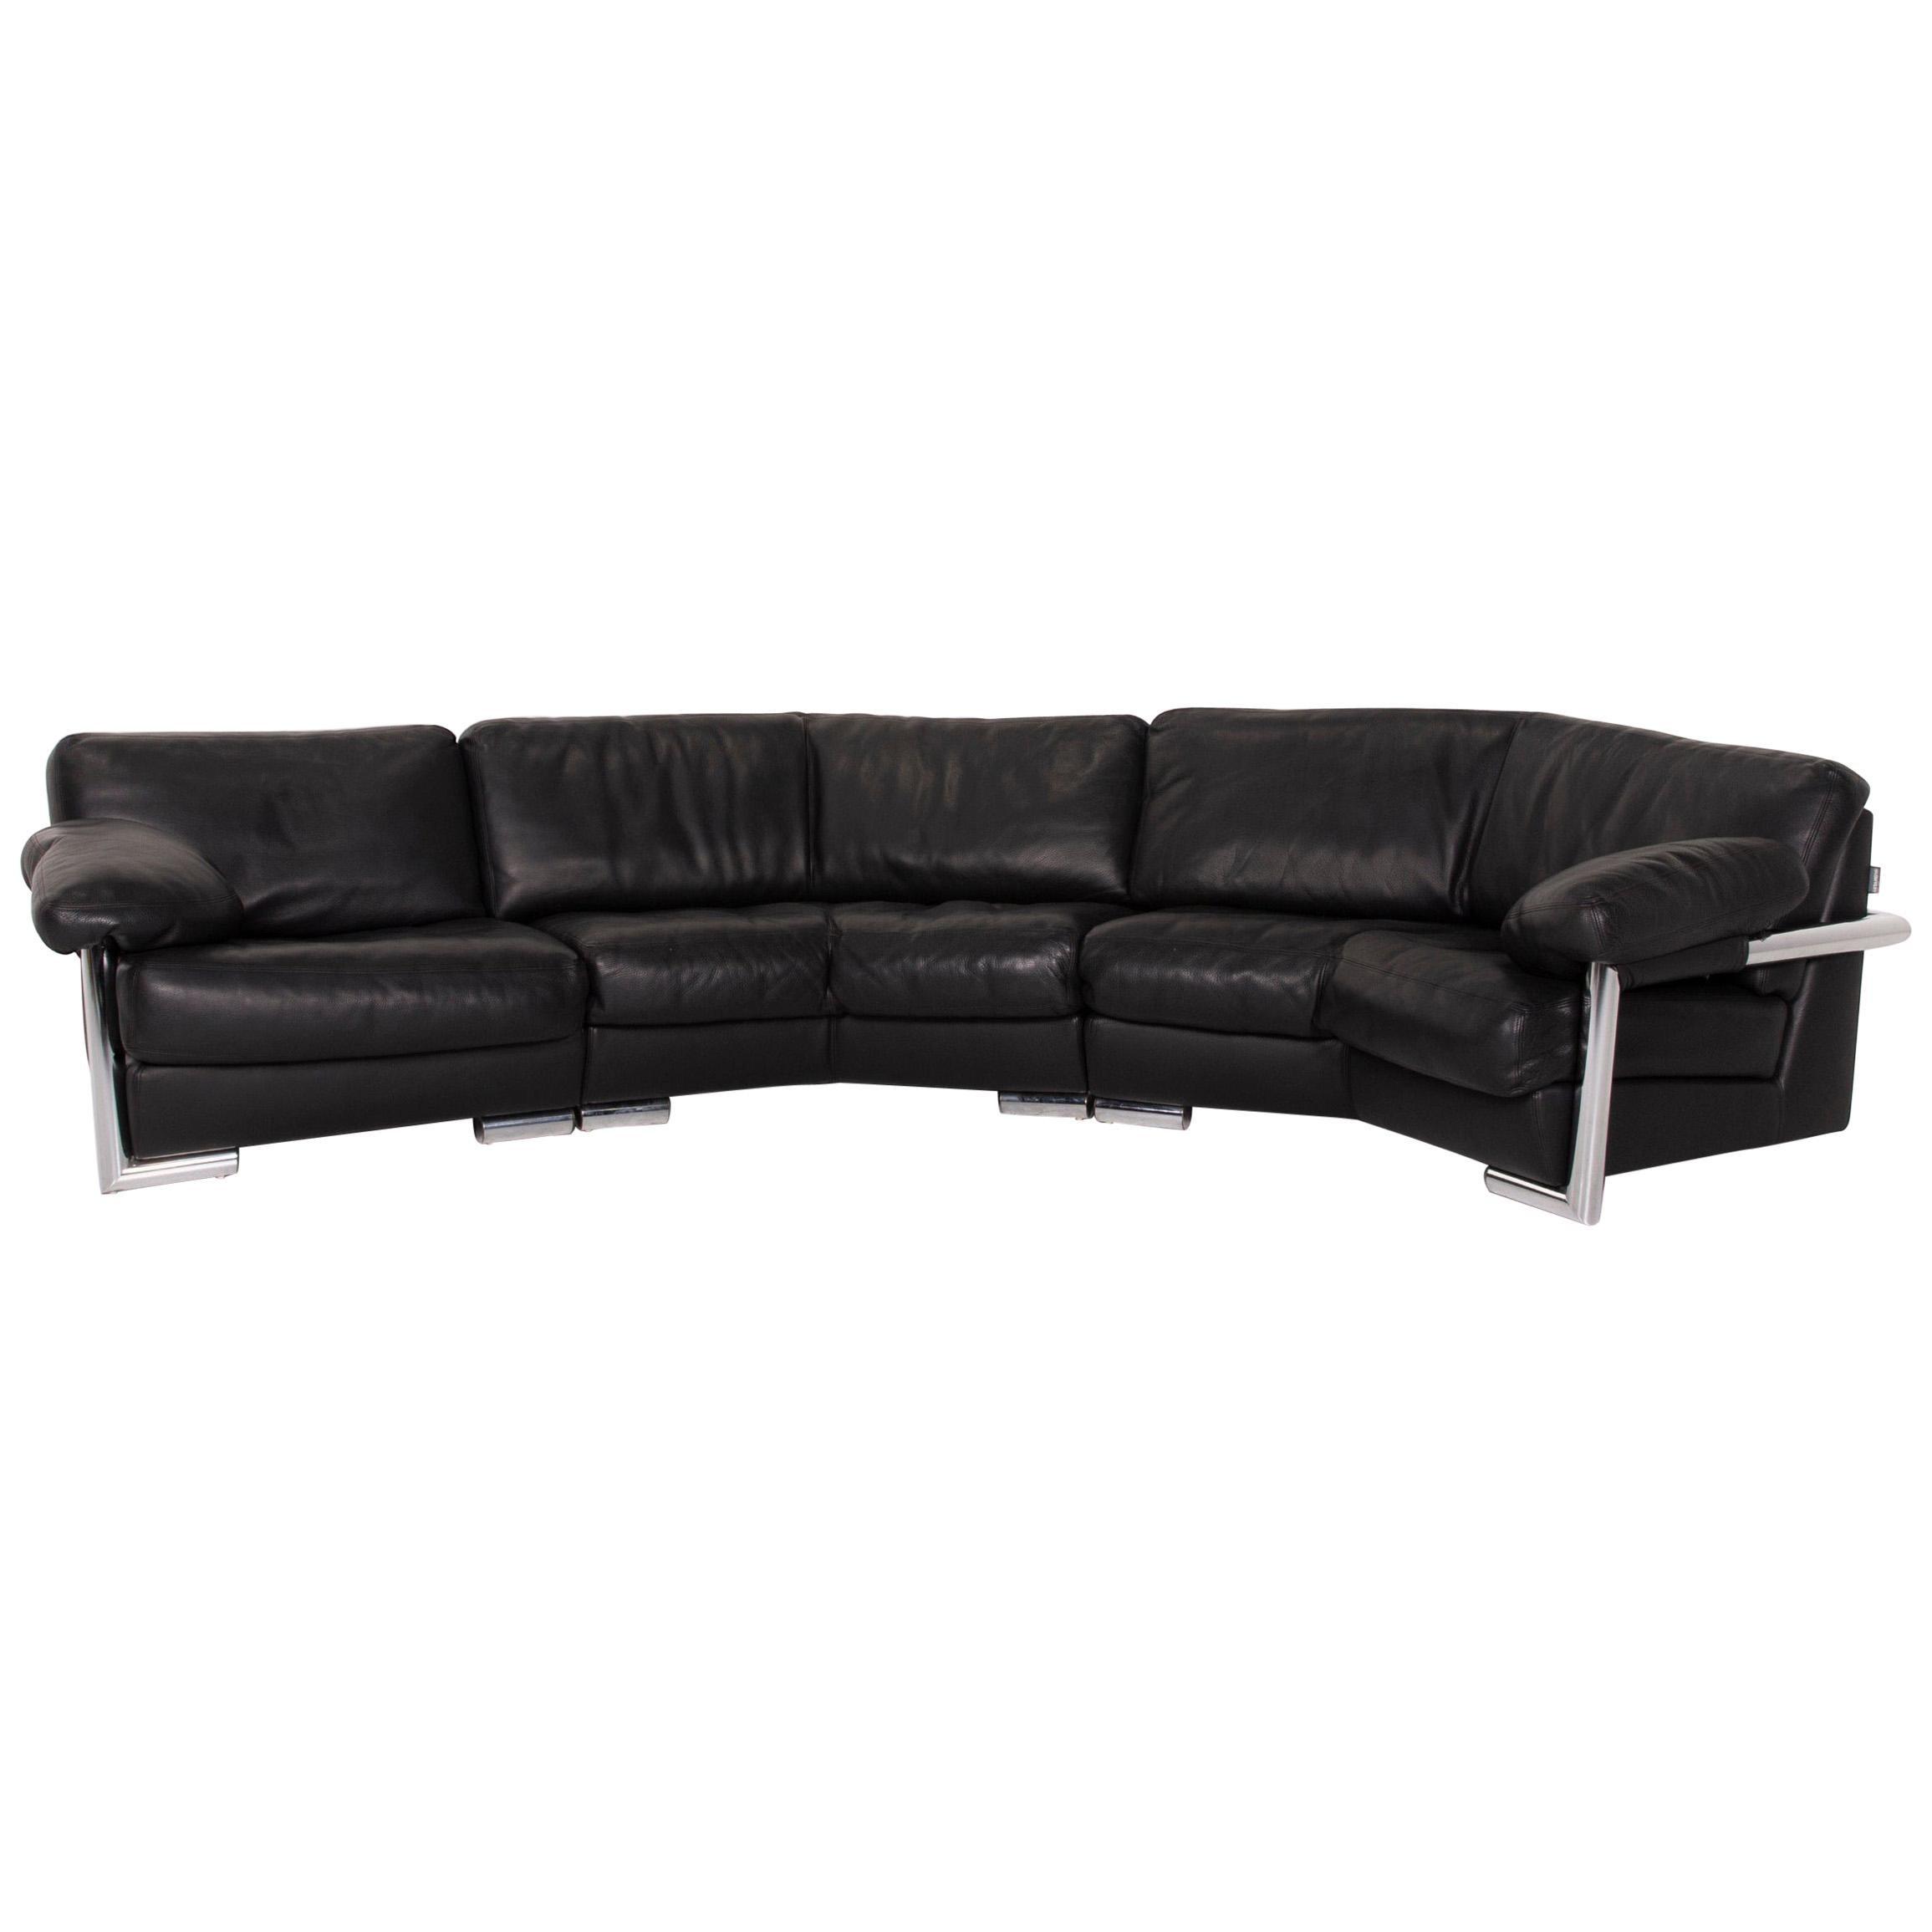 Artanova Medea Leather Sofa Black Corner Sofa